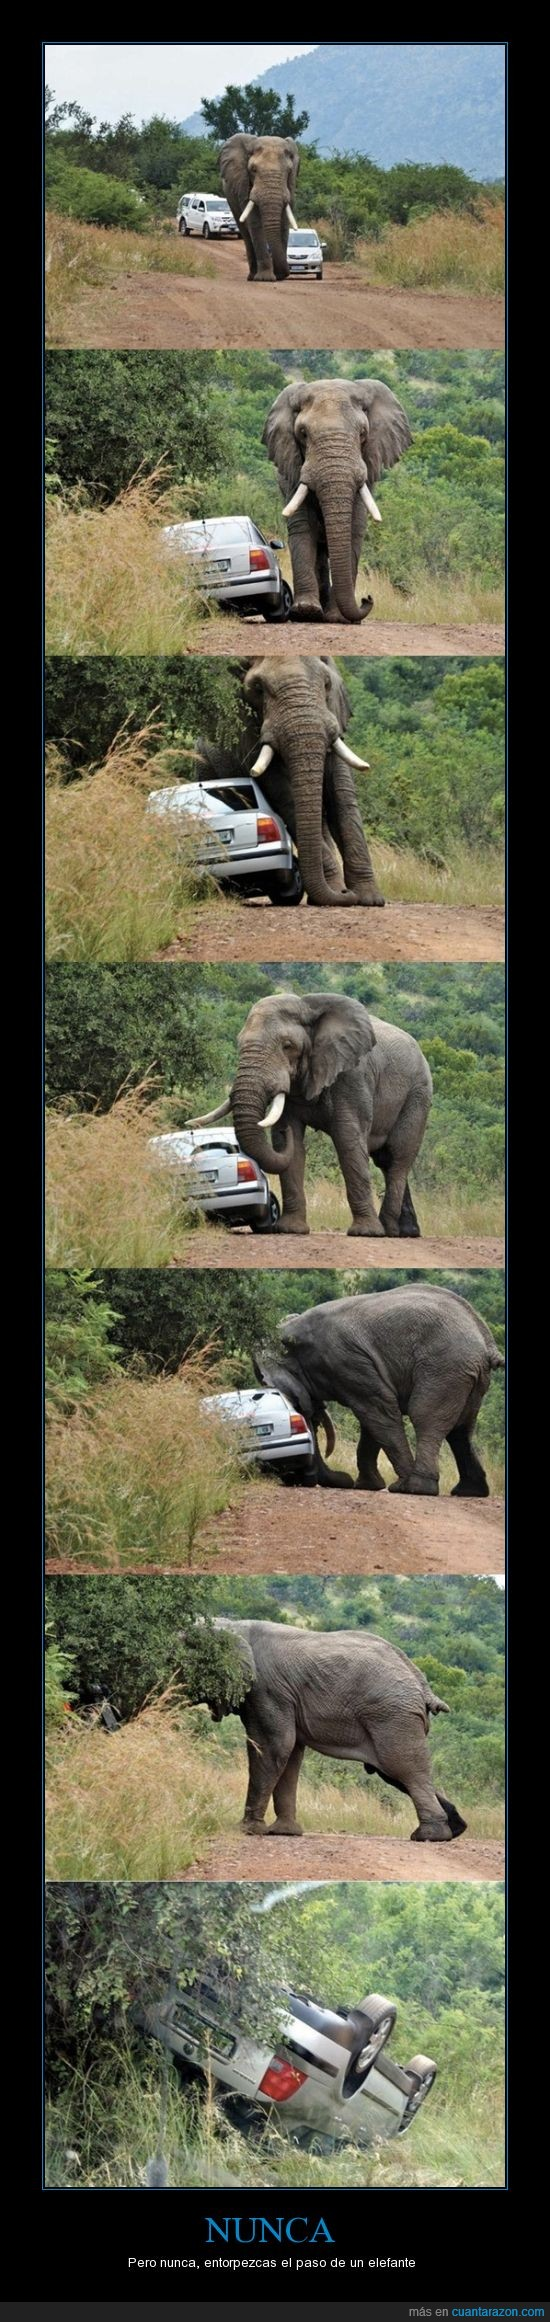 cabeza,coche,elefante,empujar,interrumpir,paso